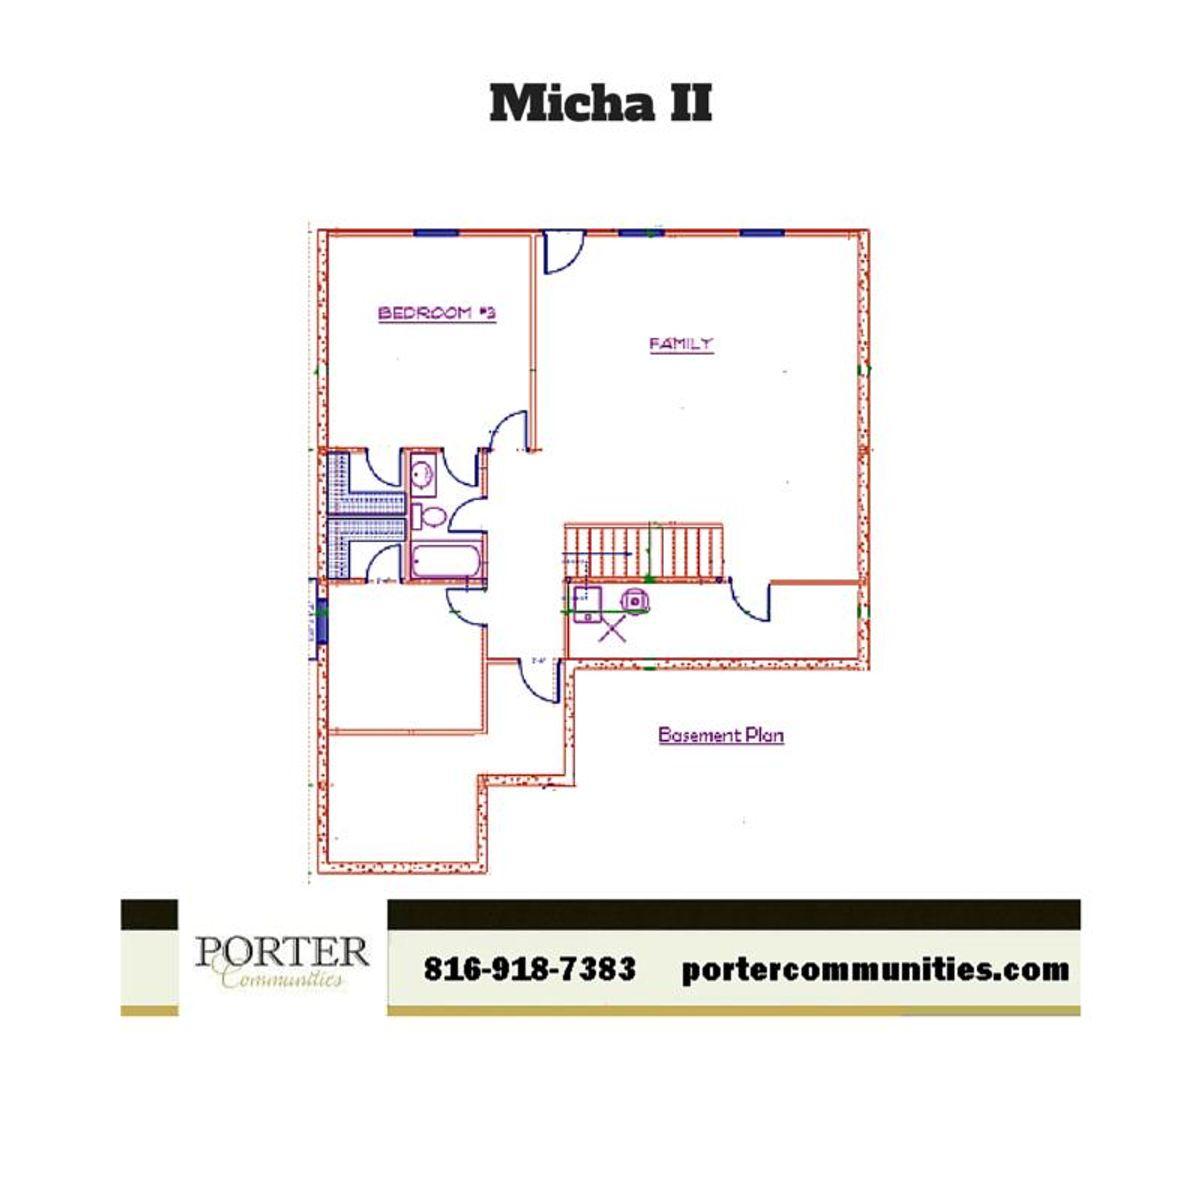 Micha II Basement